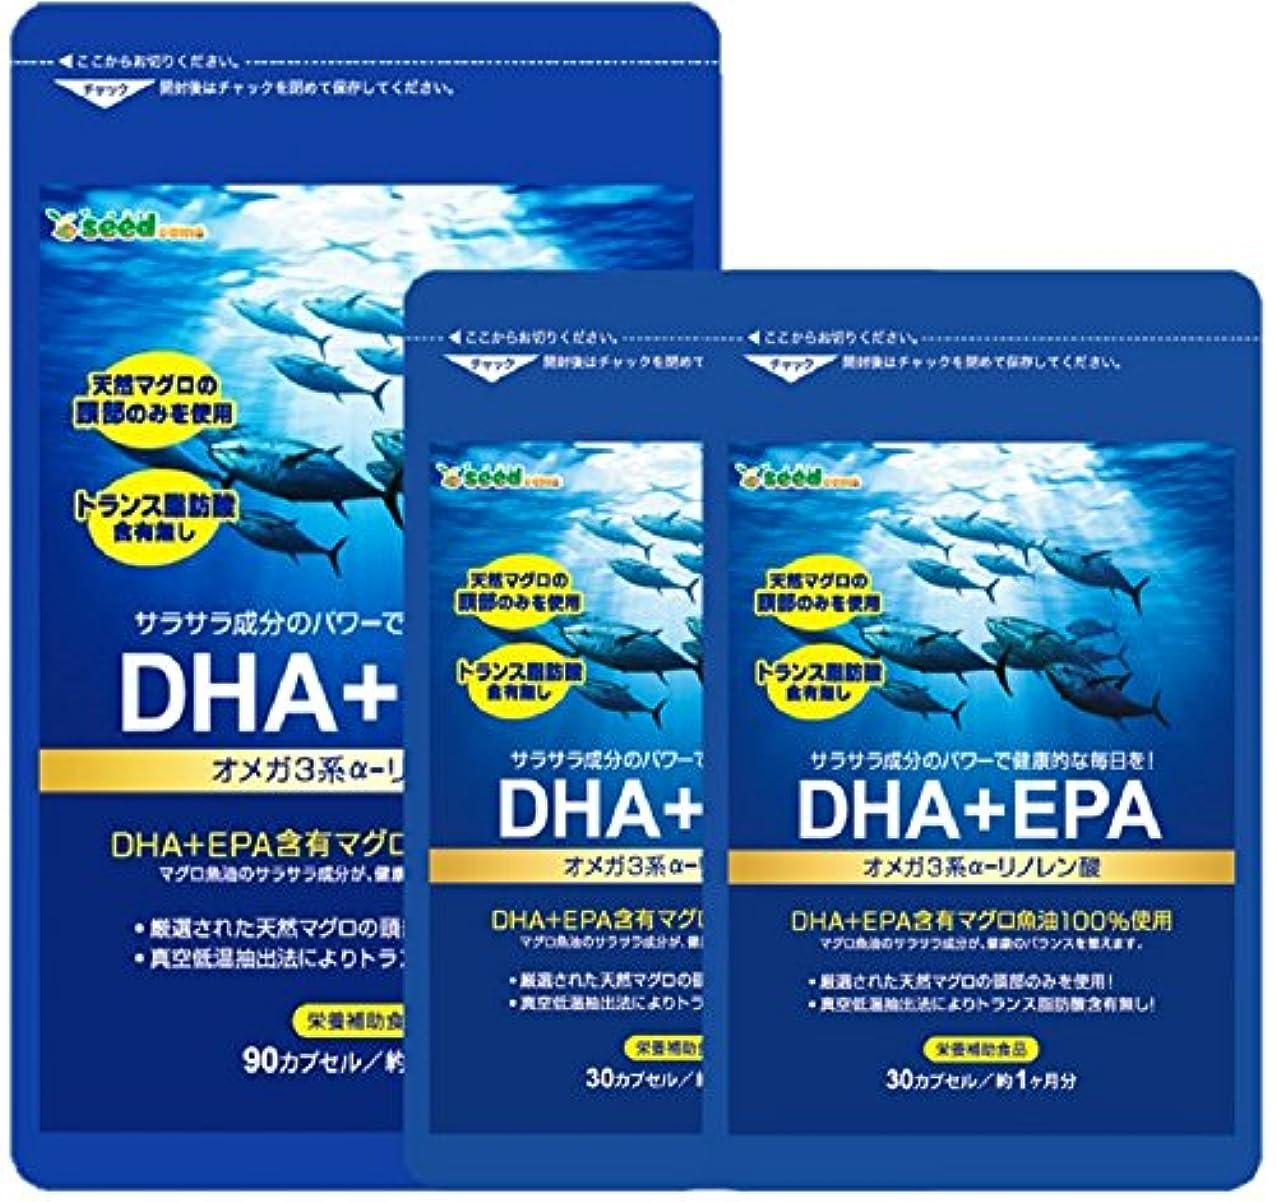 リゾート回転短くするDHA + EPA 約5ヶ月分/150粒 ( オメガ系 α-リノレン酸 )トランス脂肪酸 0㎎